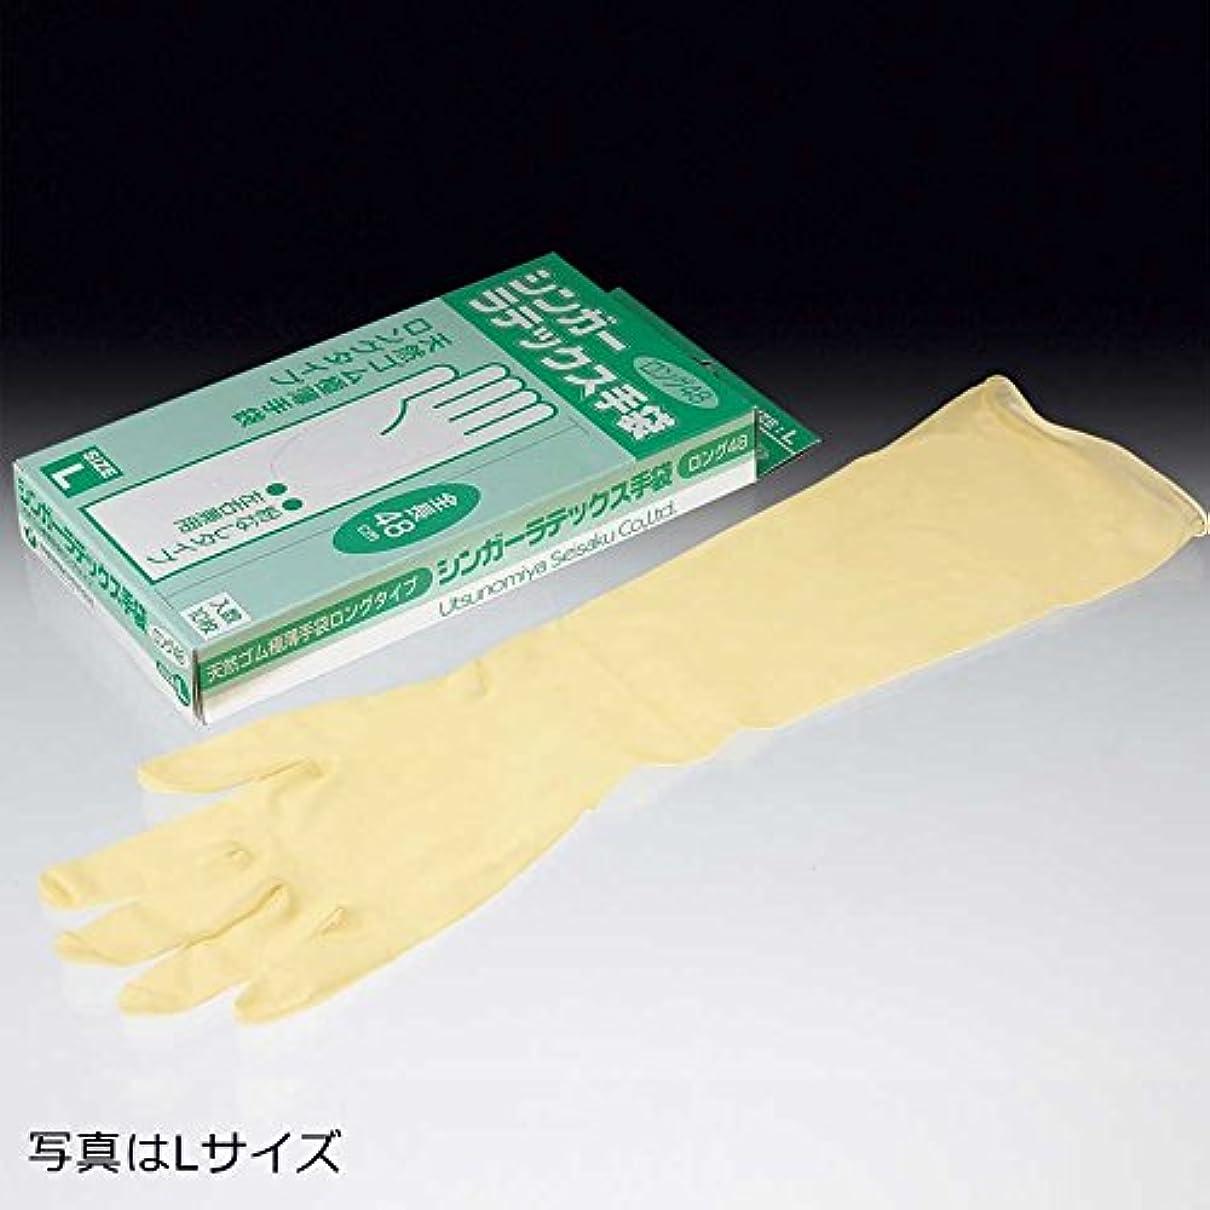 詳細につぶすトラフシンガーラテックス手袋ロング48 使い捨て手袋 粉なし全長48cm200枚(10枚入り20箱) (M)